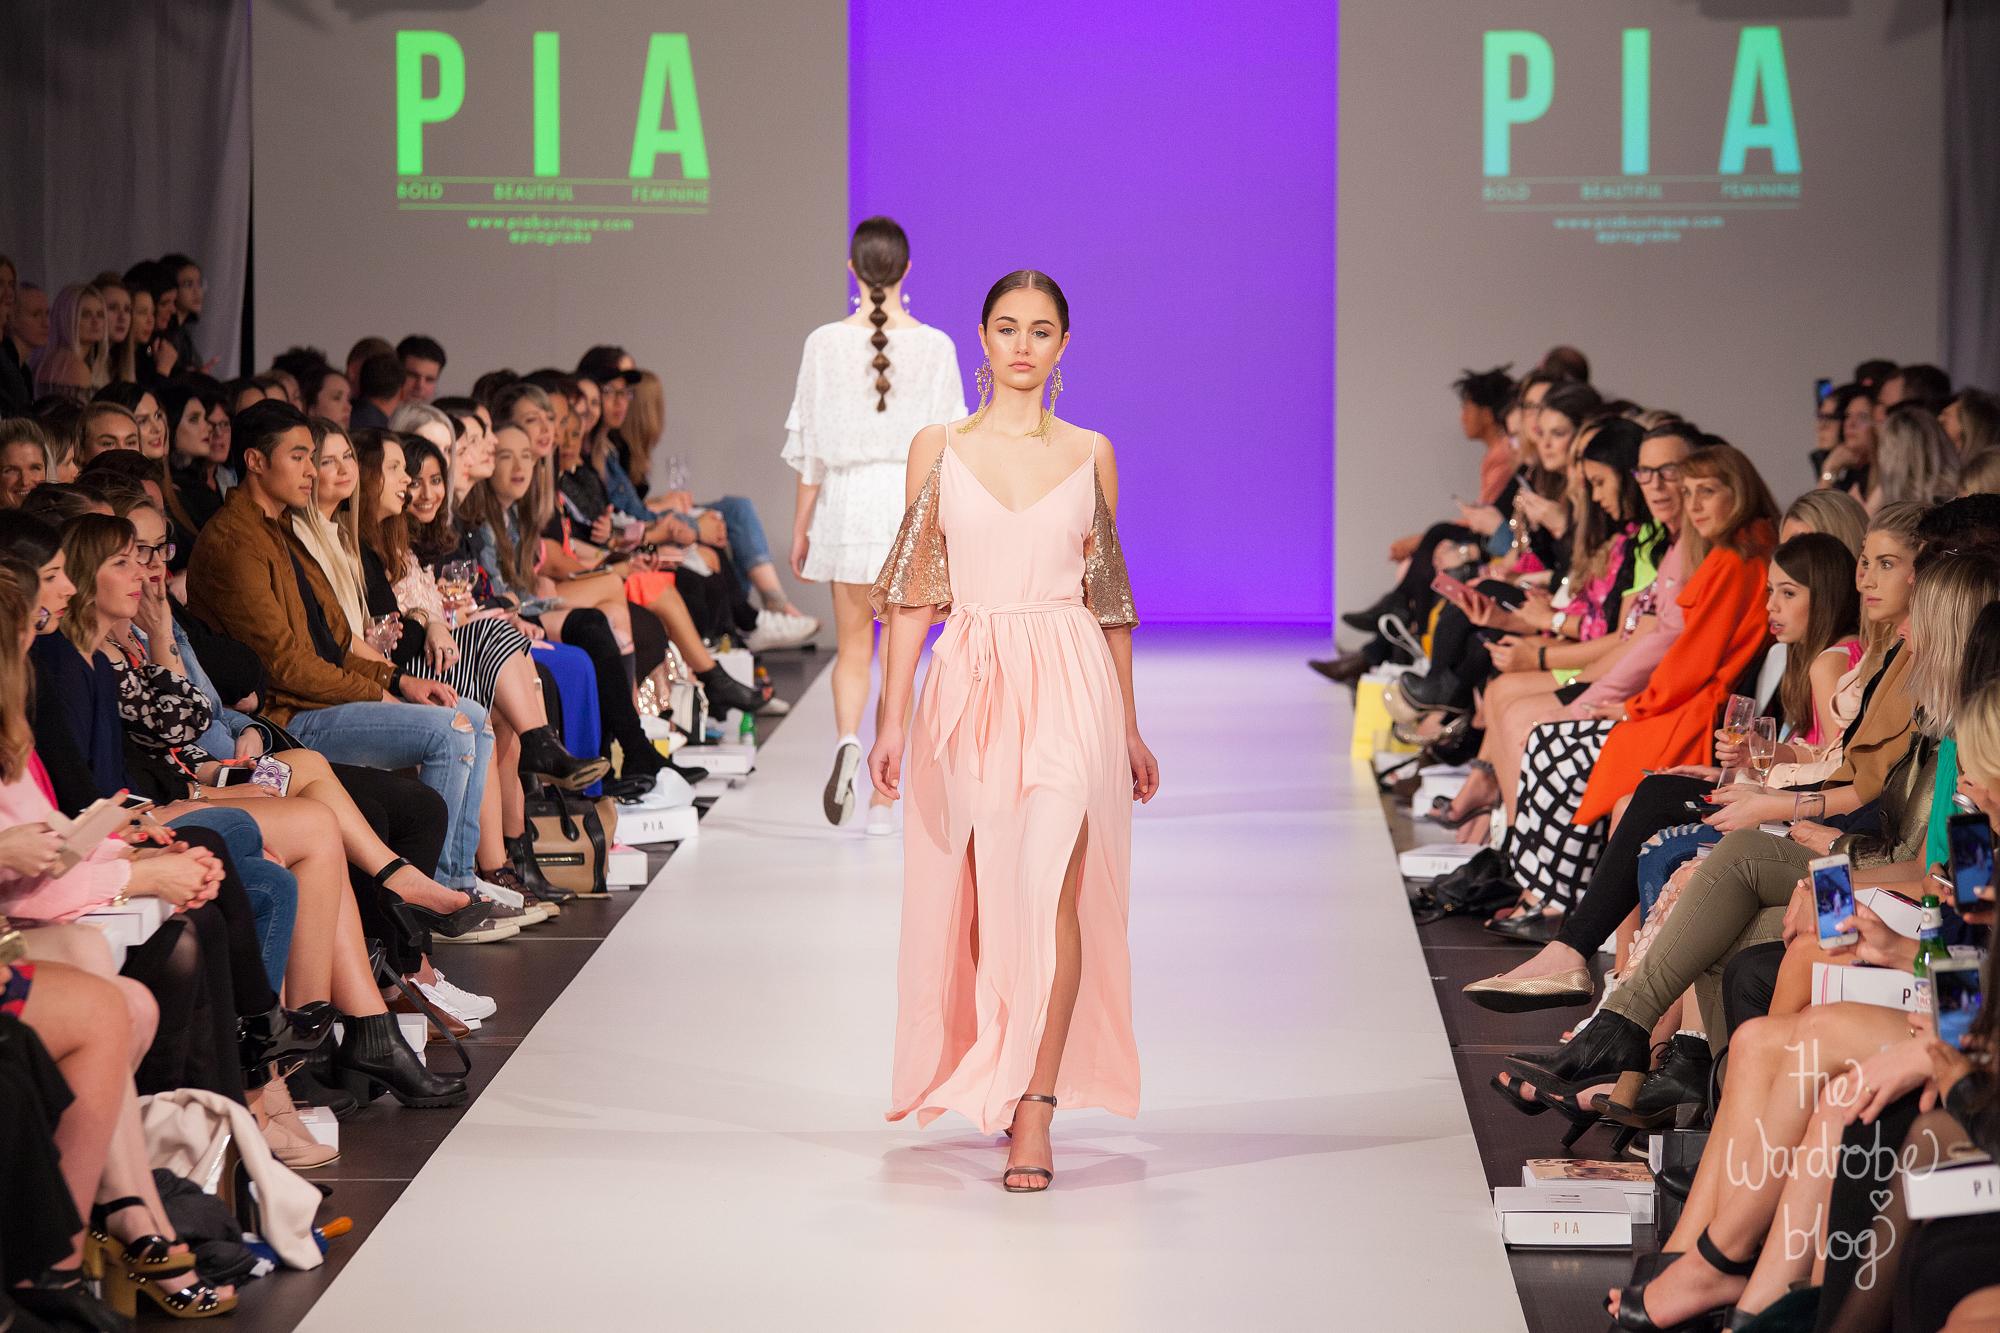 The-W-NZFW-Pia-Boutique-2017-Maxi